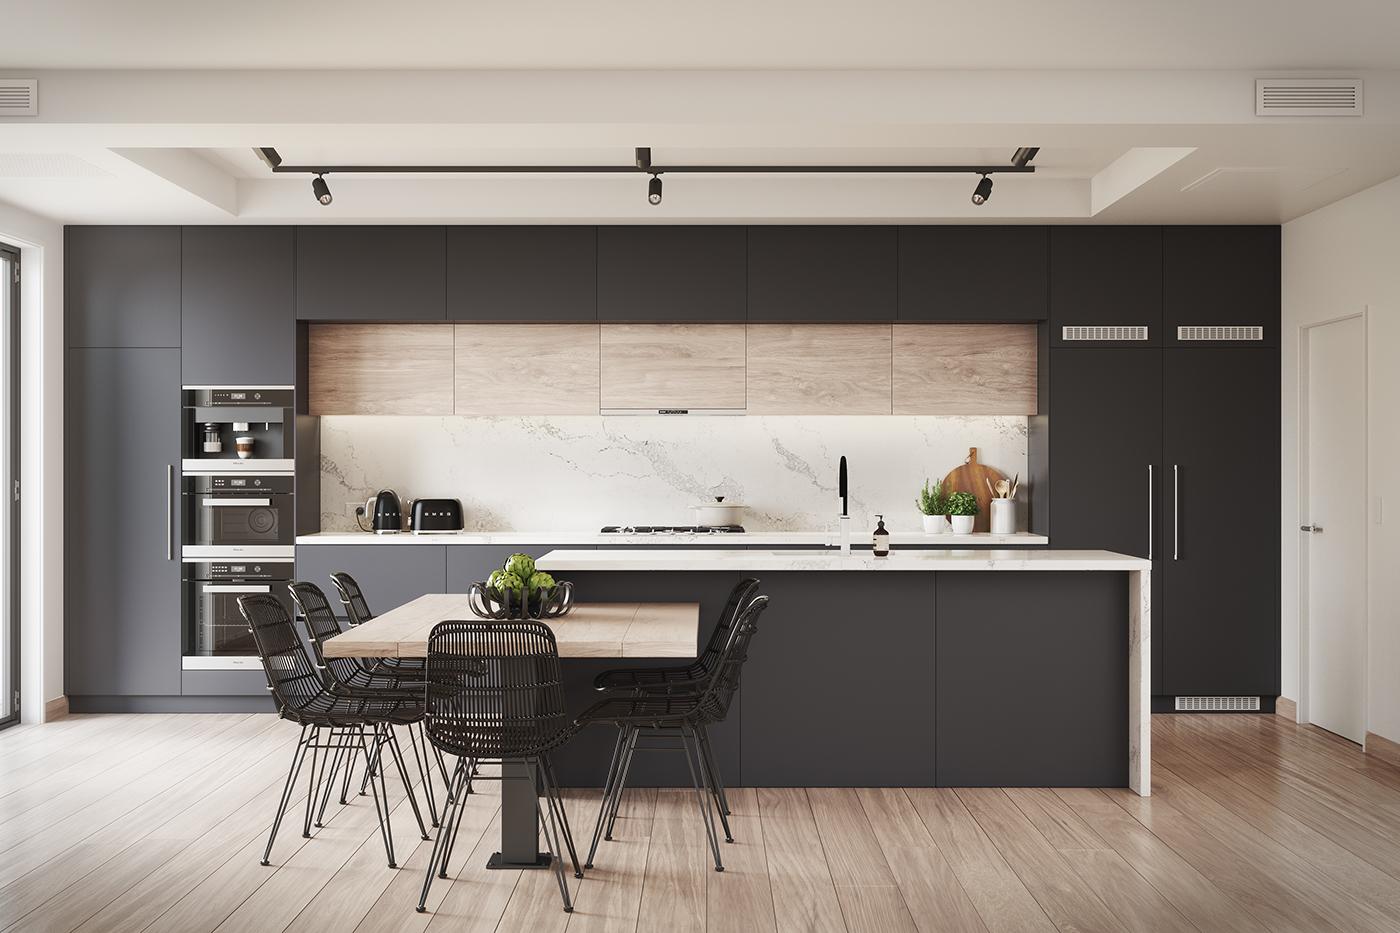 Blackberry kitchen visualisation on behance - Free kitchen design software australia ...